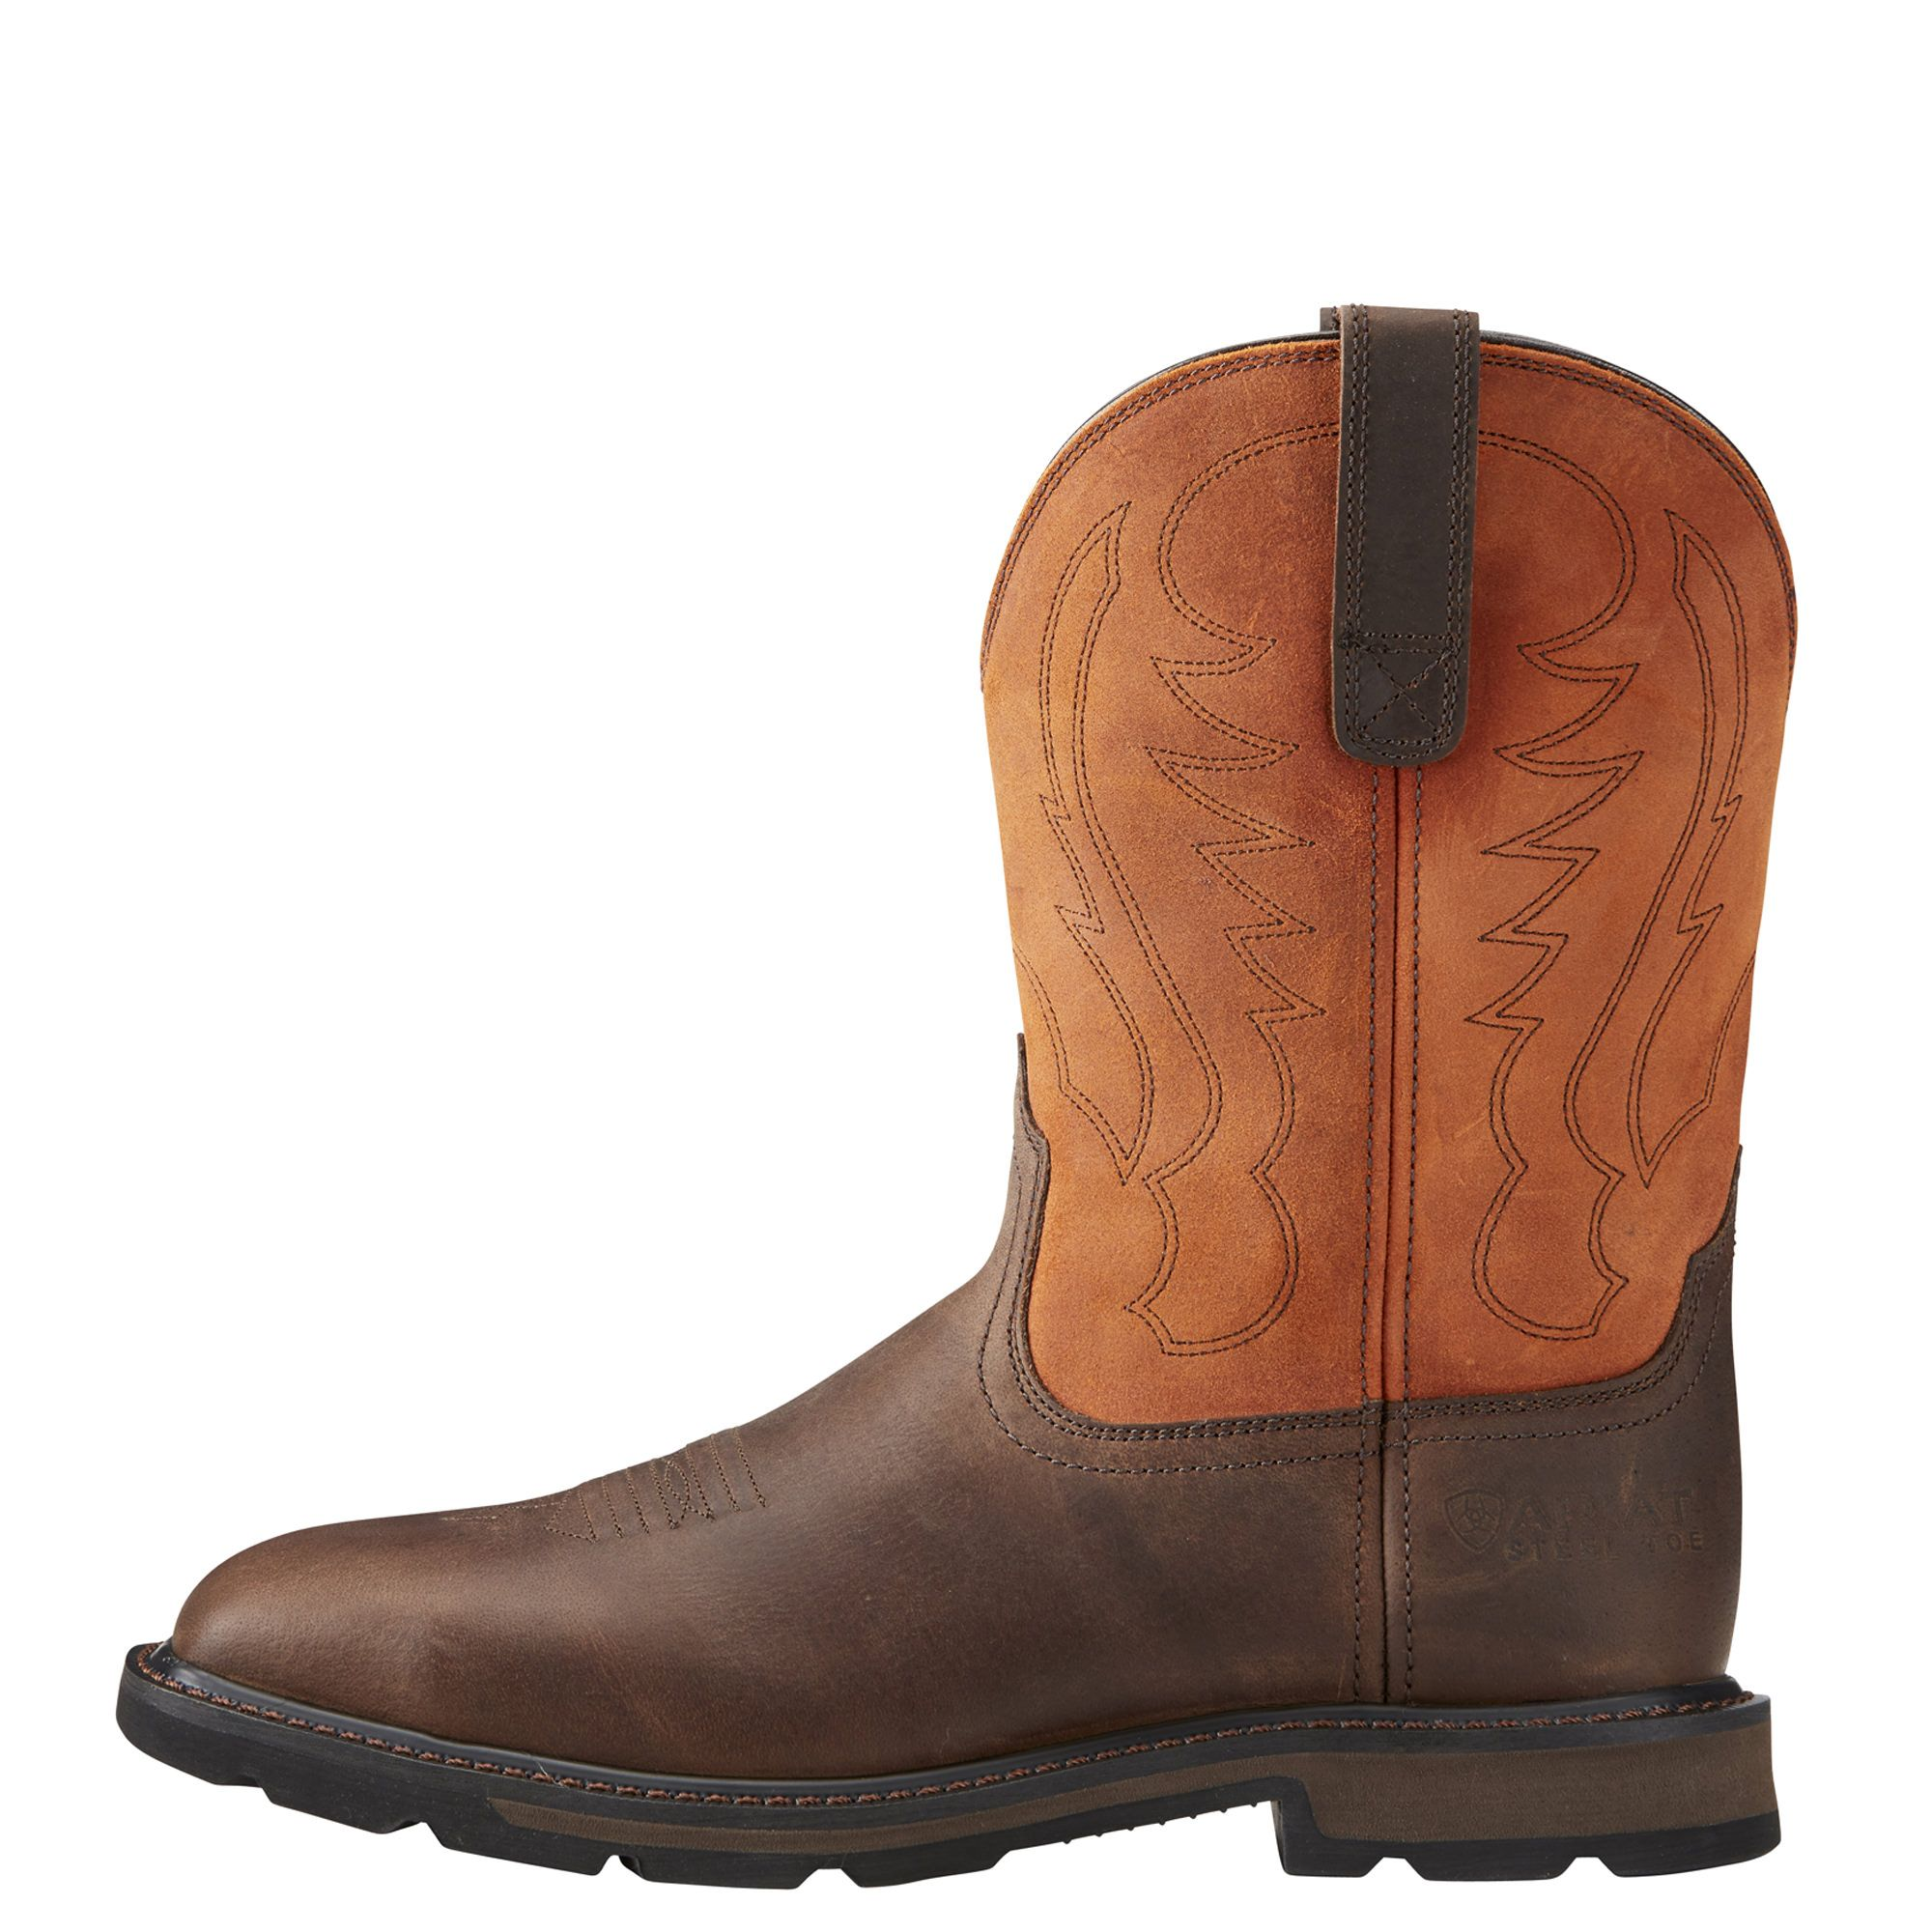 Groundbreaker Wide Square Toe Steel Toe Work Boot Boots Steel Toe Work Boots Steel Toe